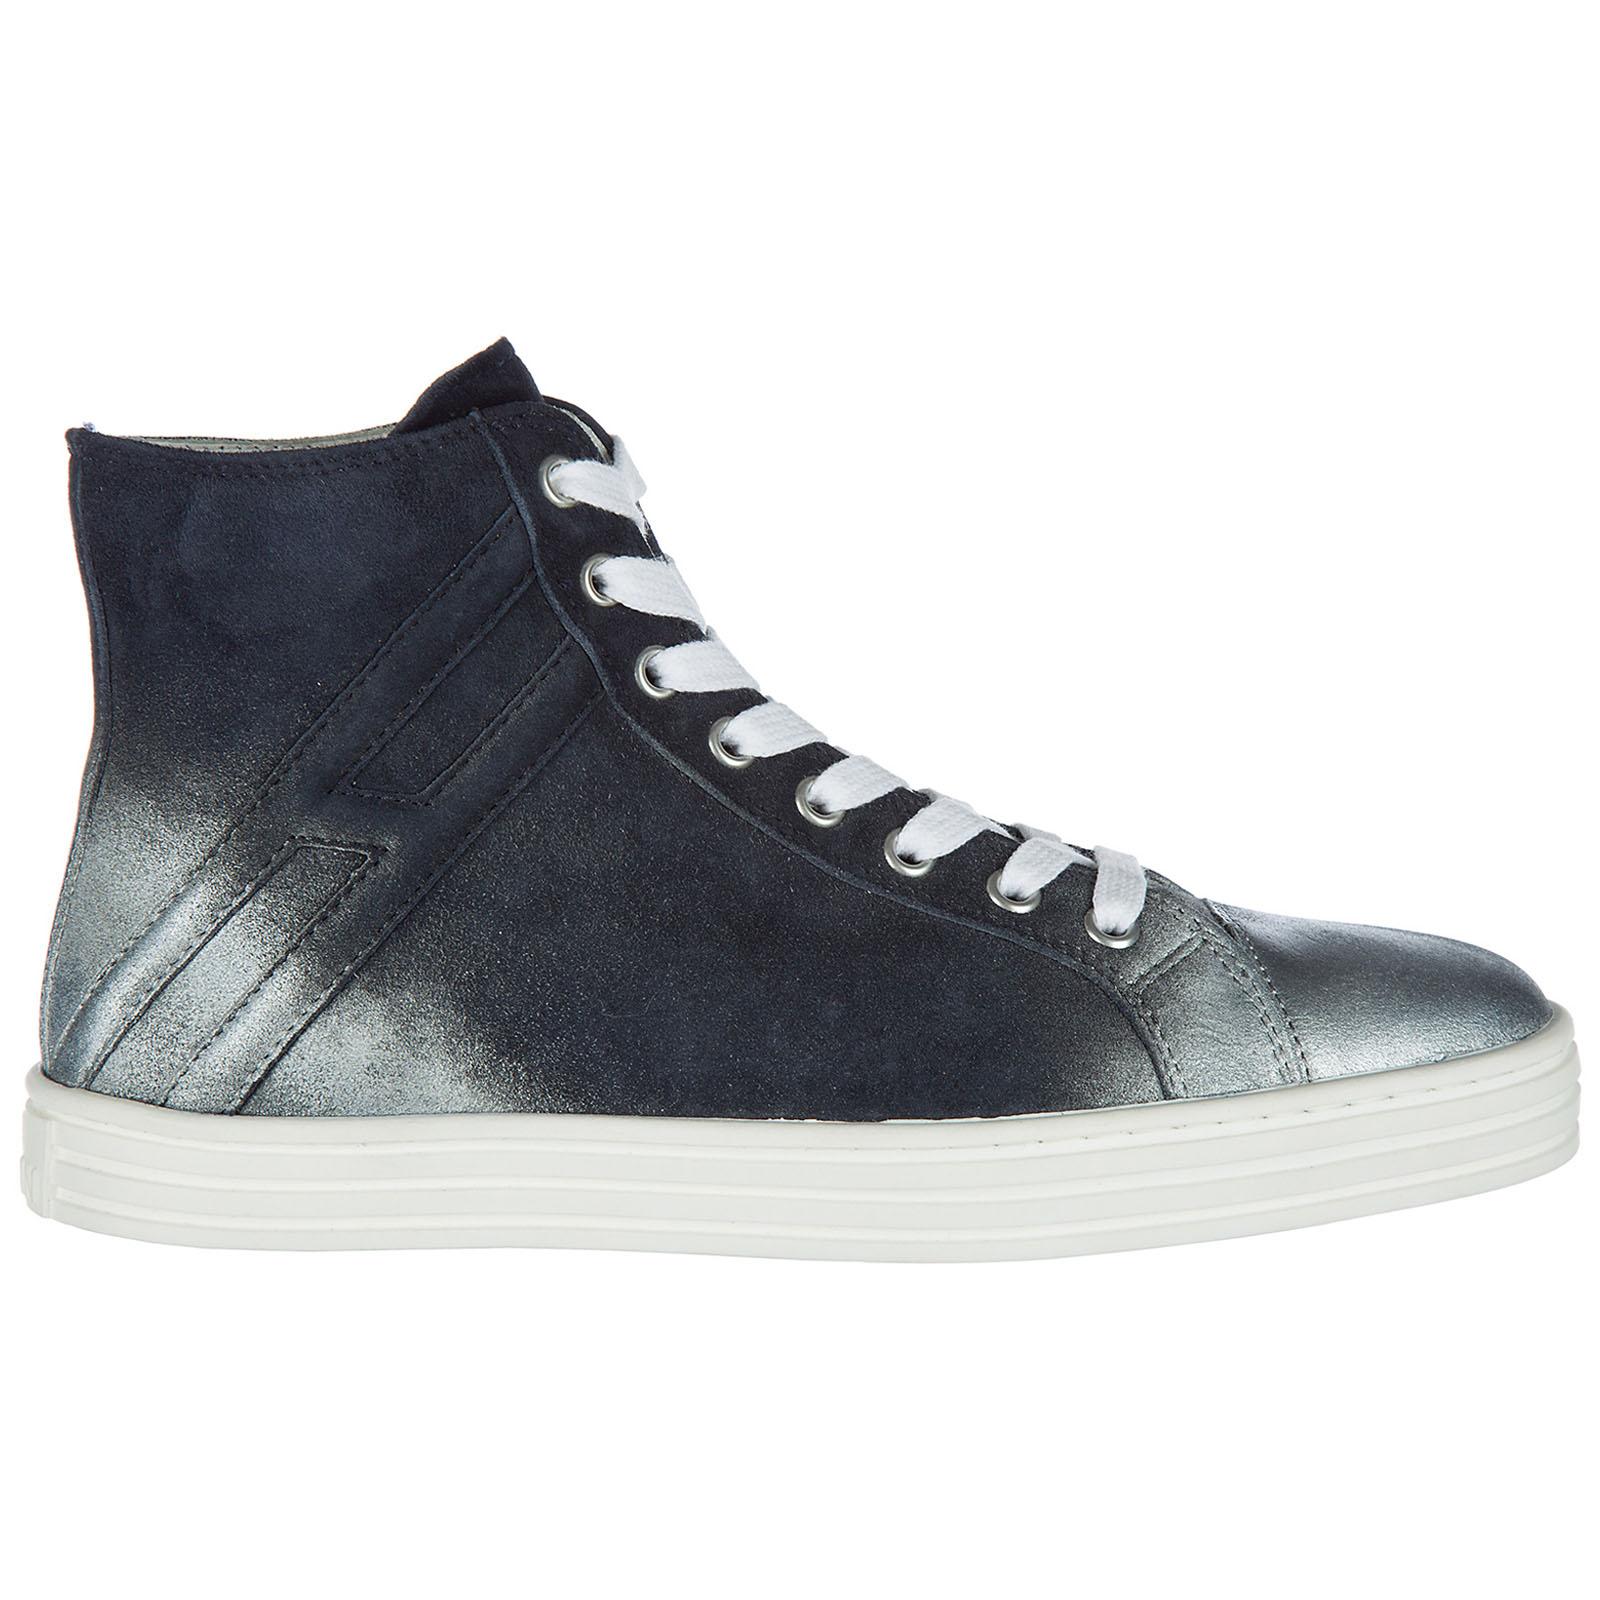 selezione migliore fdf49 d6de0 Scarpe sneakers alte donna in camoscio r141